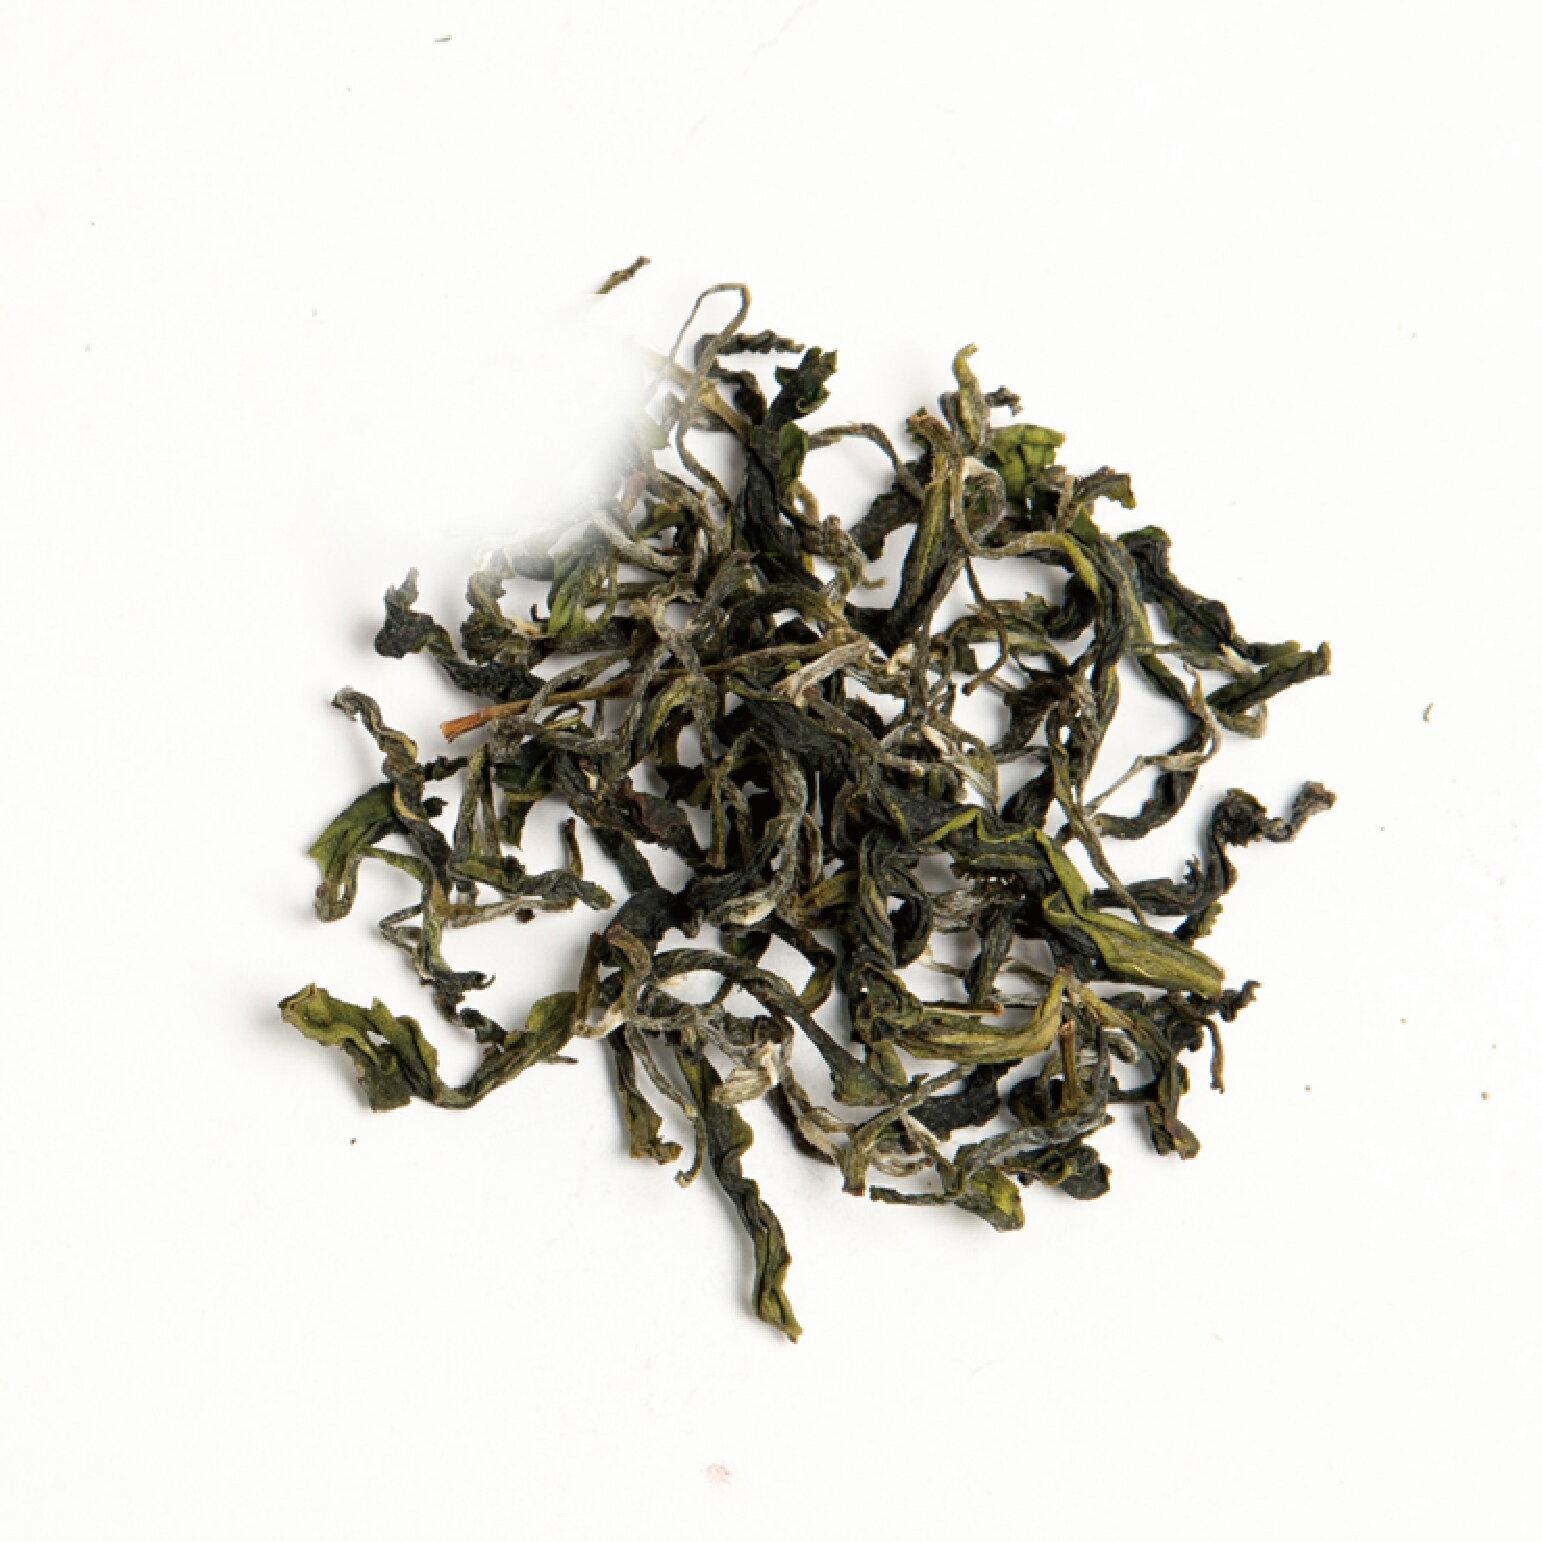 【杜爾德洋行 Dodd Tea】嚴選三峽碧螺春立體茶包12入 【台灣鳳蝶紀念版】 3